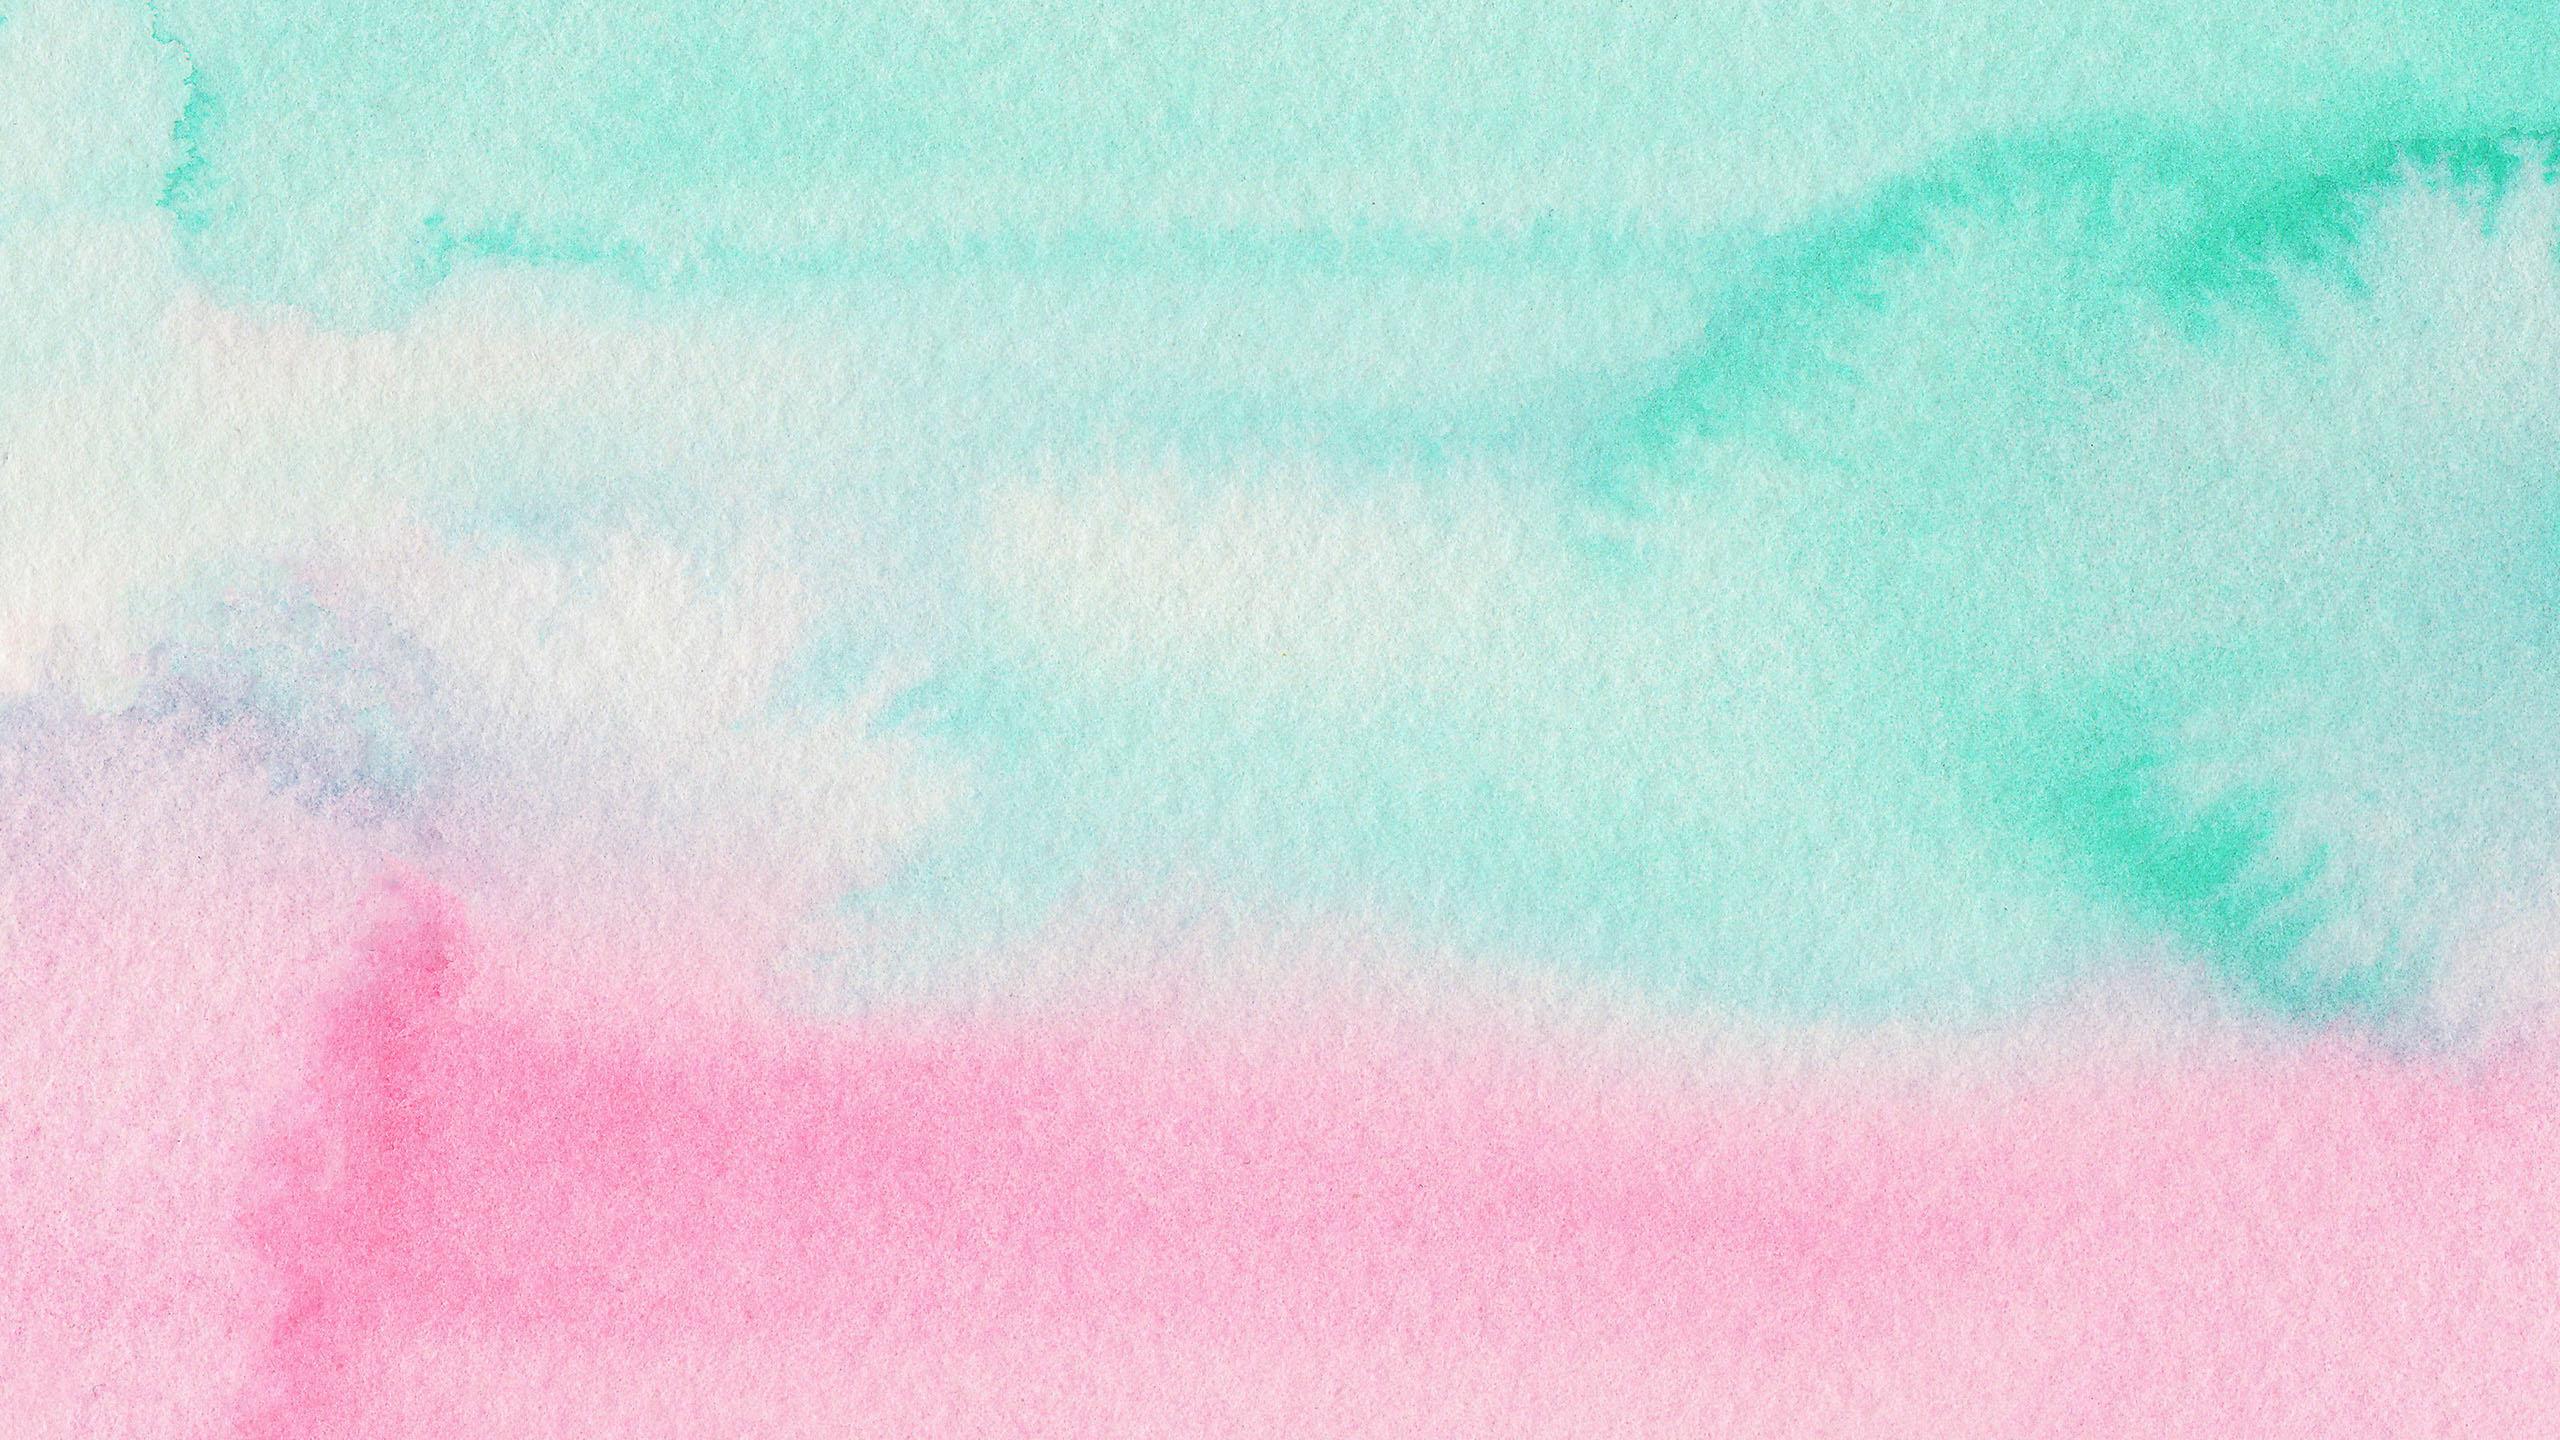 2560 X 1440 Wallpaper WallpaperSafari